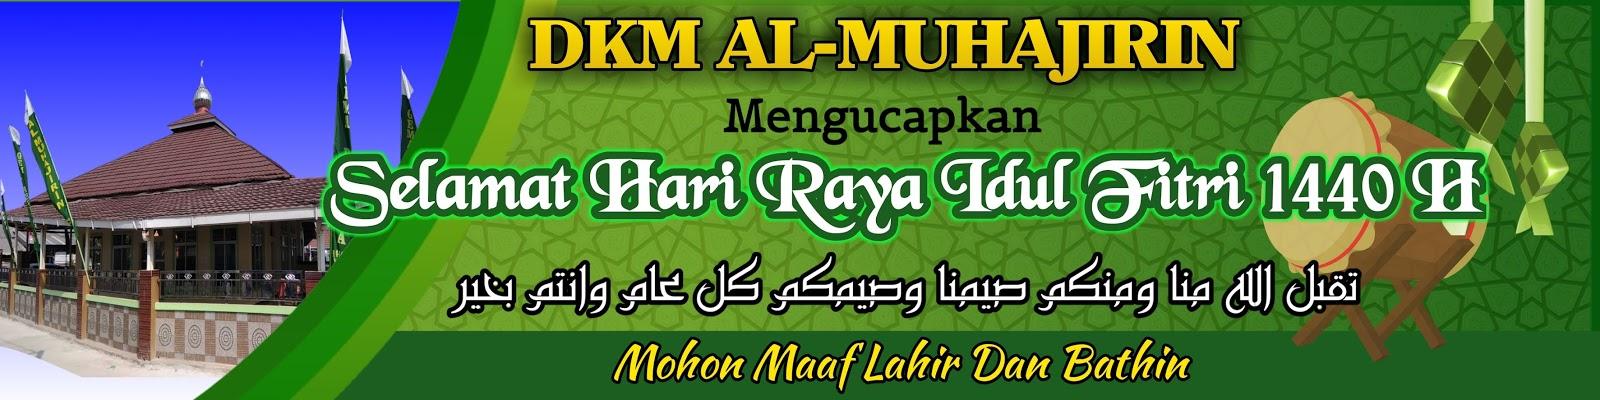 Dkm Masjid Al Muhajirin Griya Mas Karawang Spanduk Ucapan Selamat